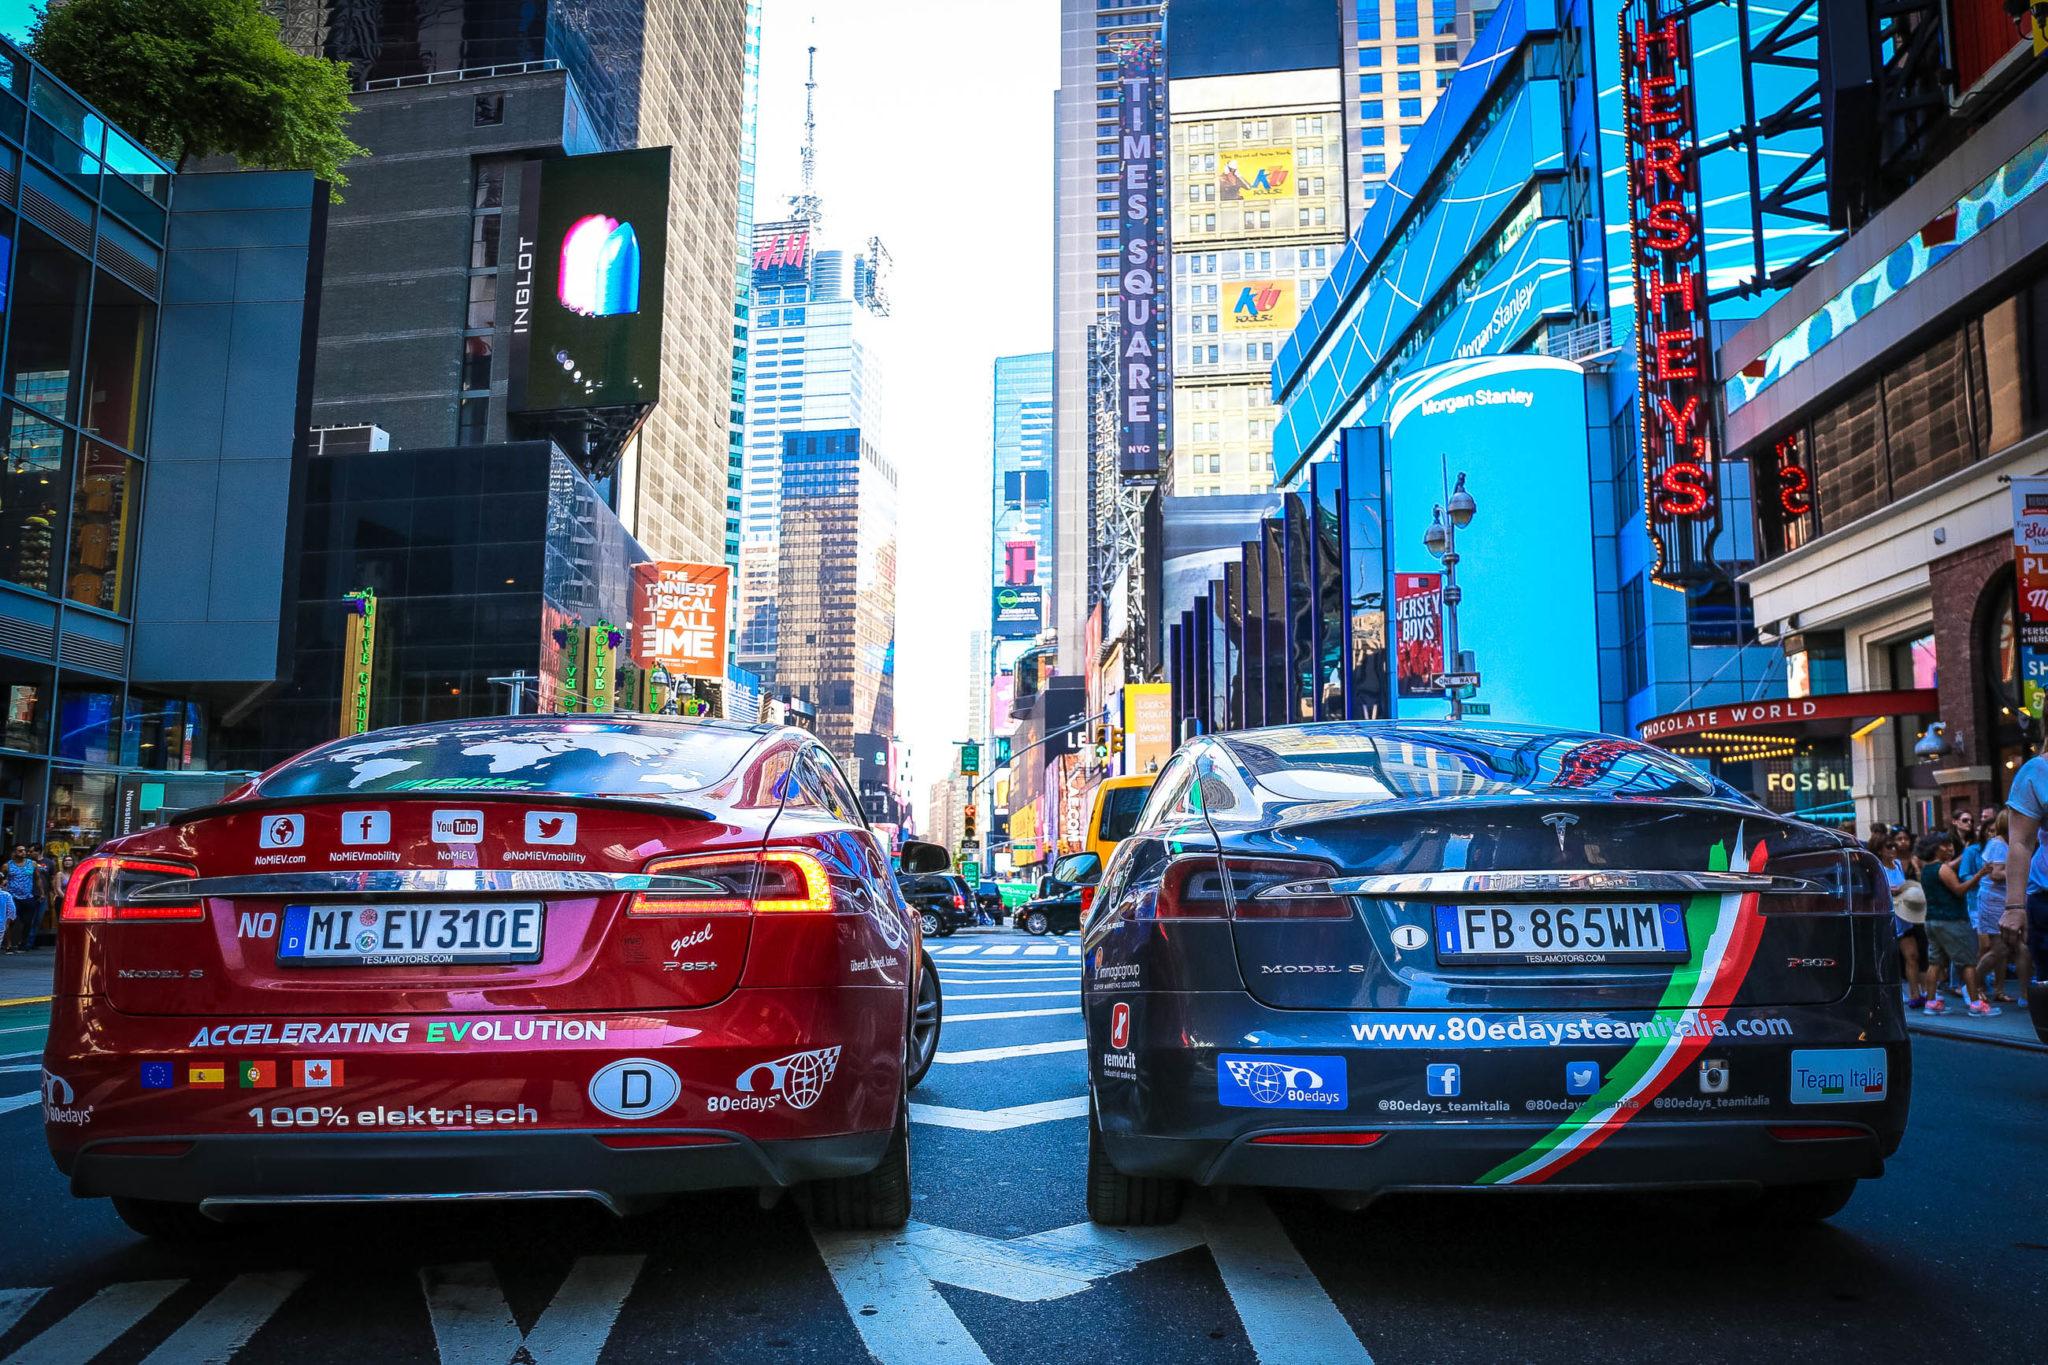 odissea del Team Italia - Times Square 2